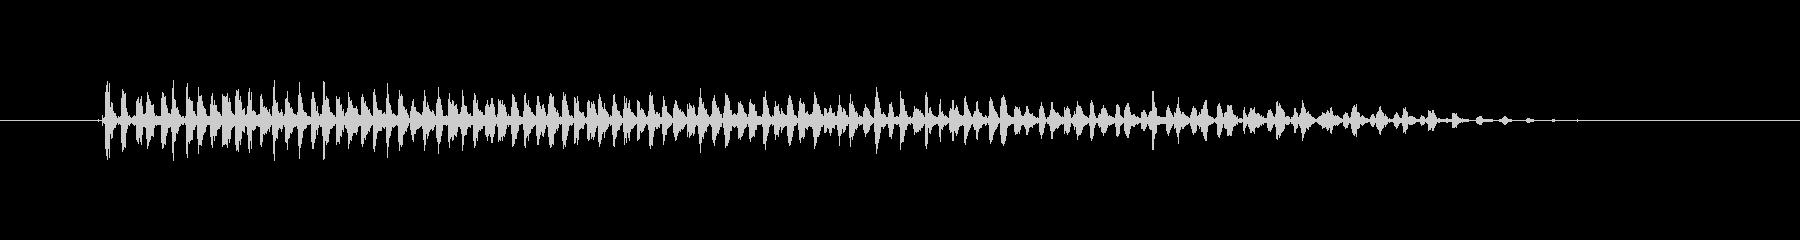 【ビブラスラップ01-1】の未再生の波形